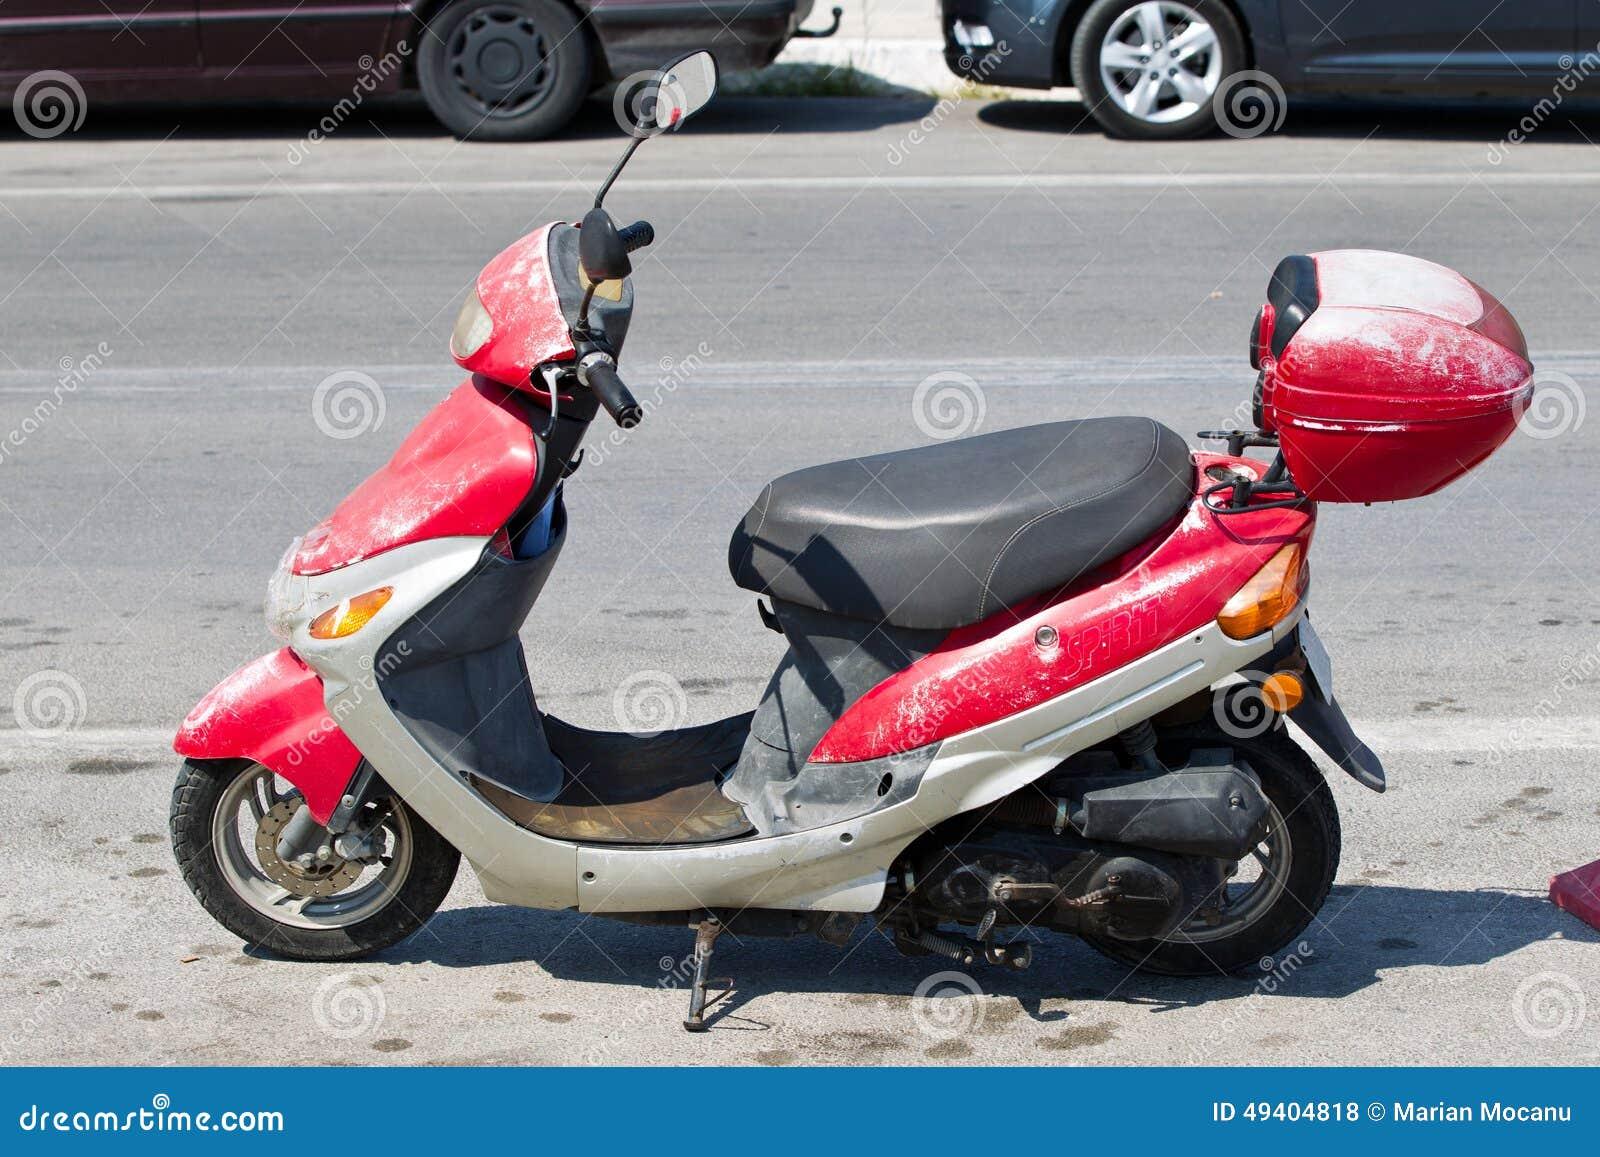 Download Altes rostiges Moped stockfoto. Bild von schmutzig, szene - 49404818